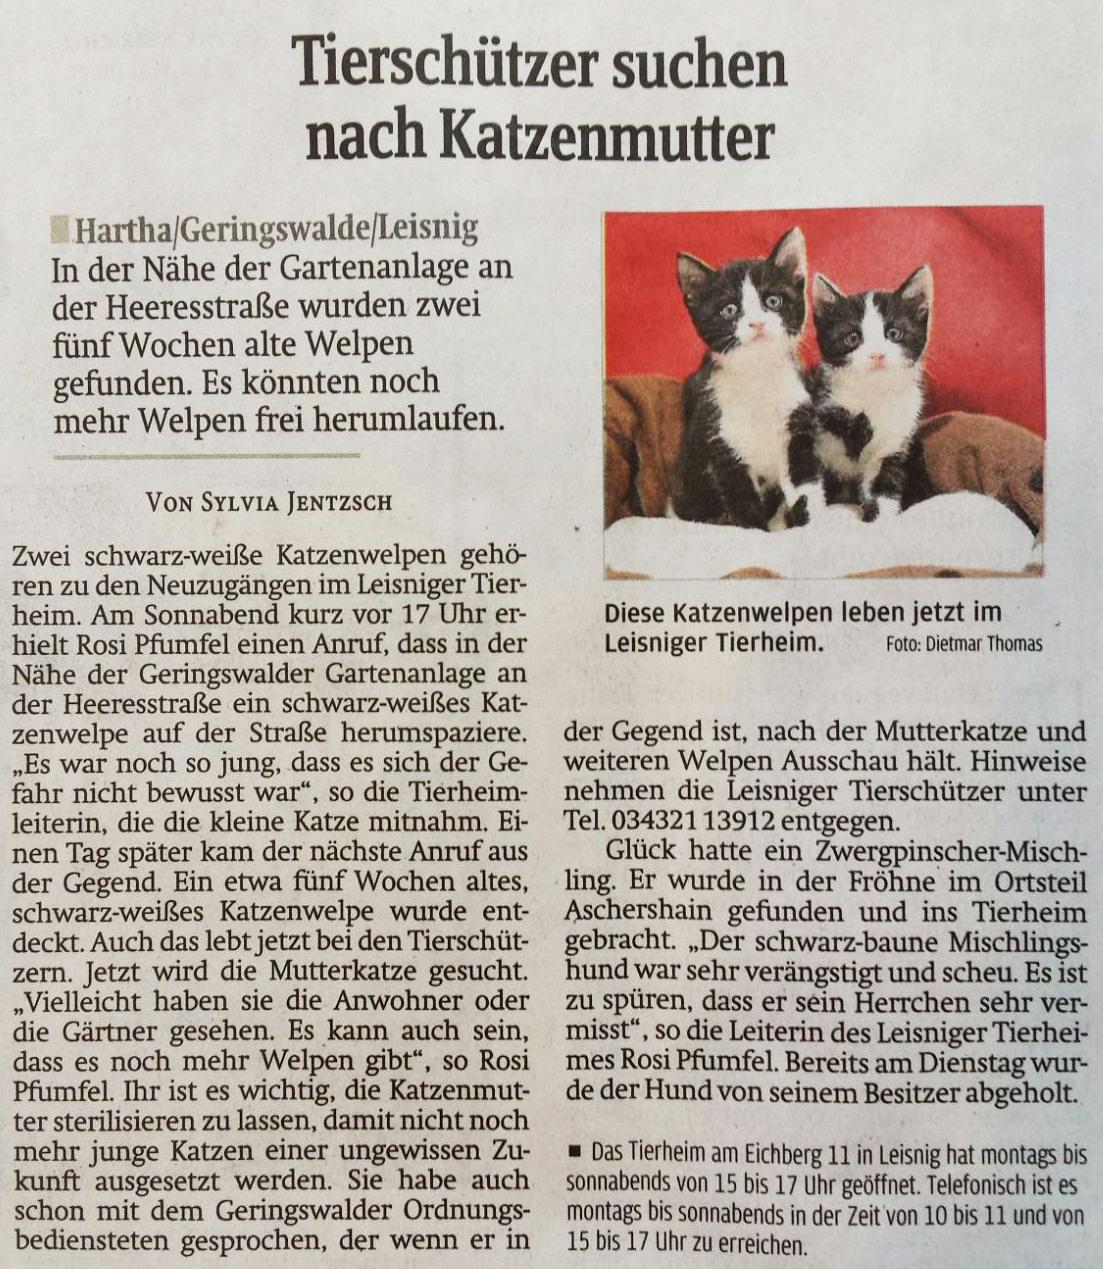 (Quelle: Sächsische Zeitung vom 19.08.2016)